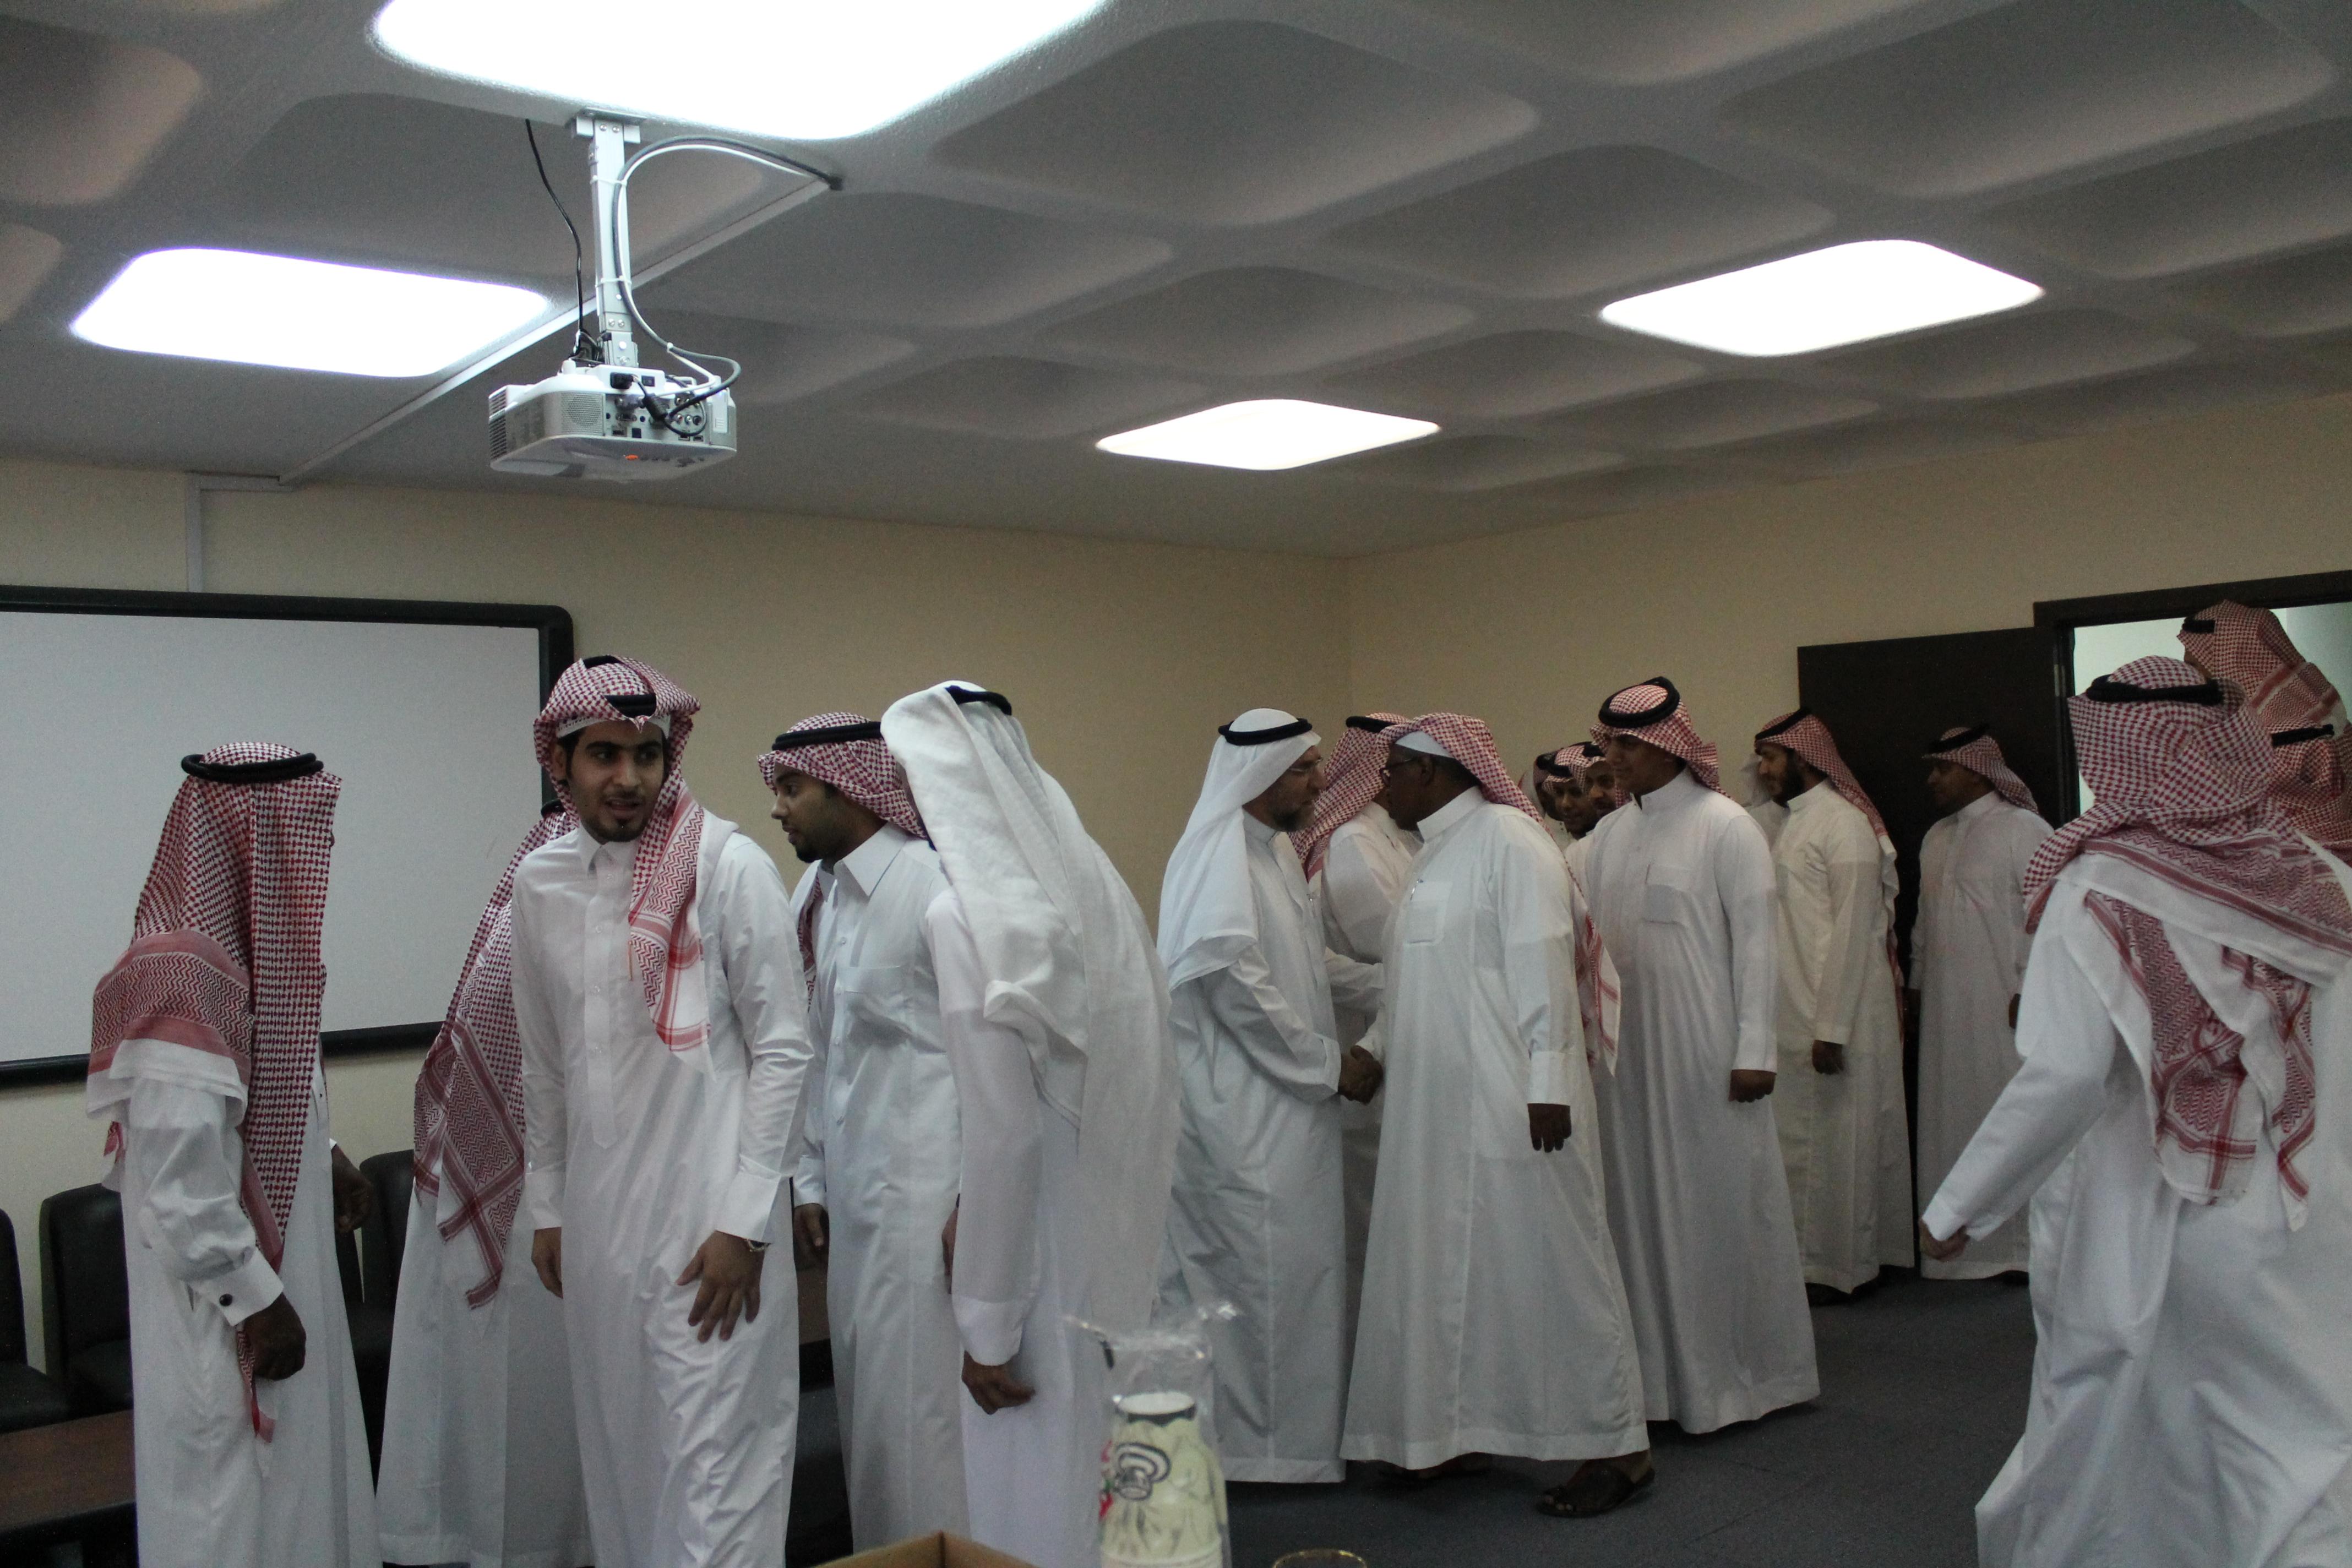 كلية الأمير سلطان بن عبد العزيز للخدمات الطبية الطارئة تقيم حفل المعايدة لعيد الفطر المبارك